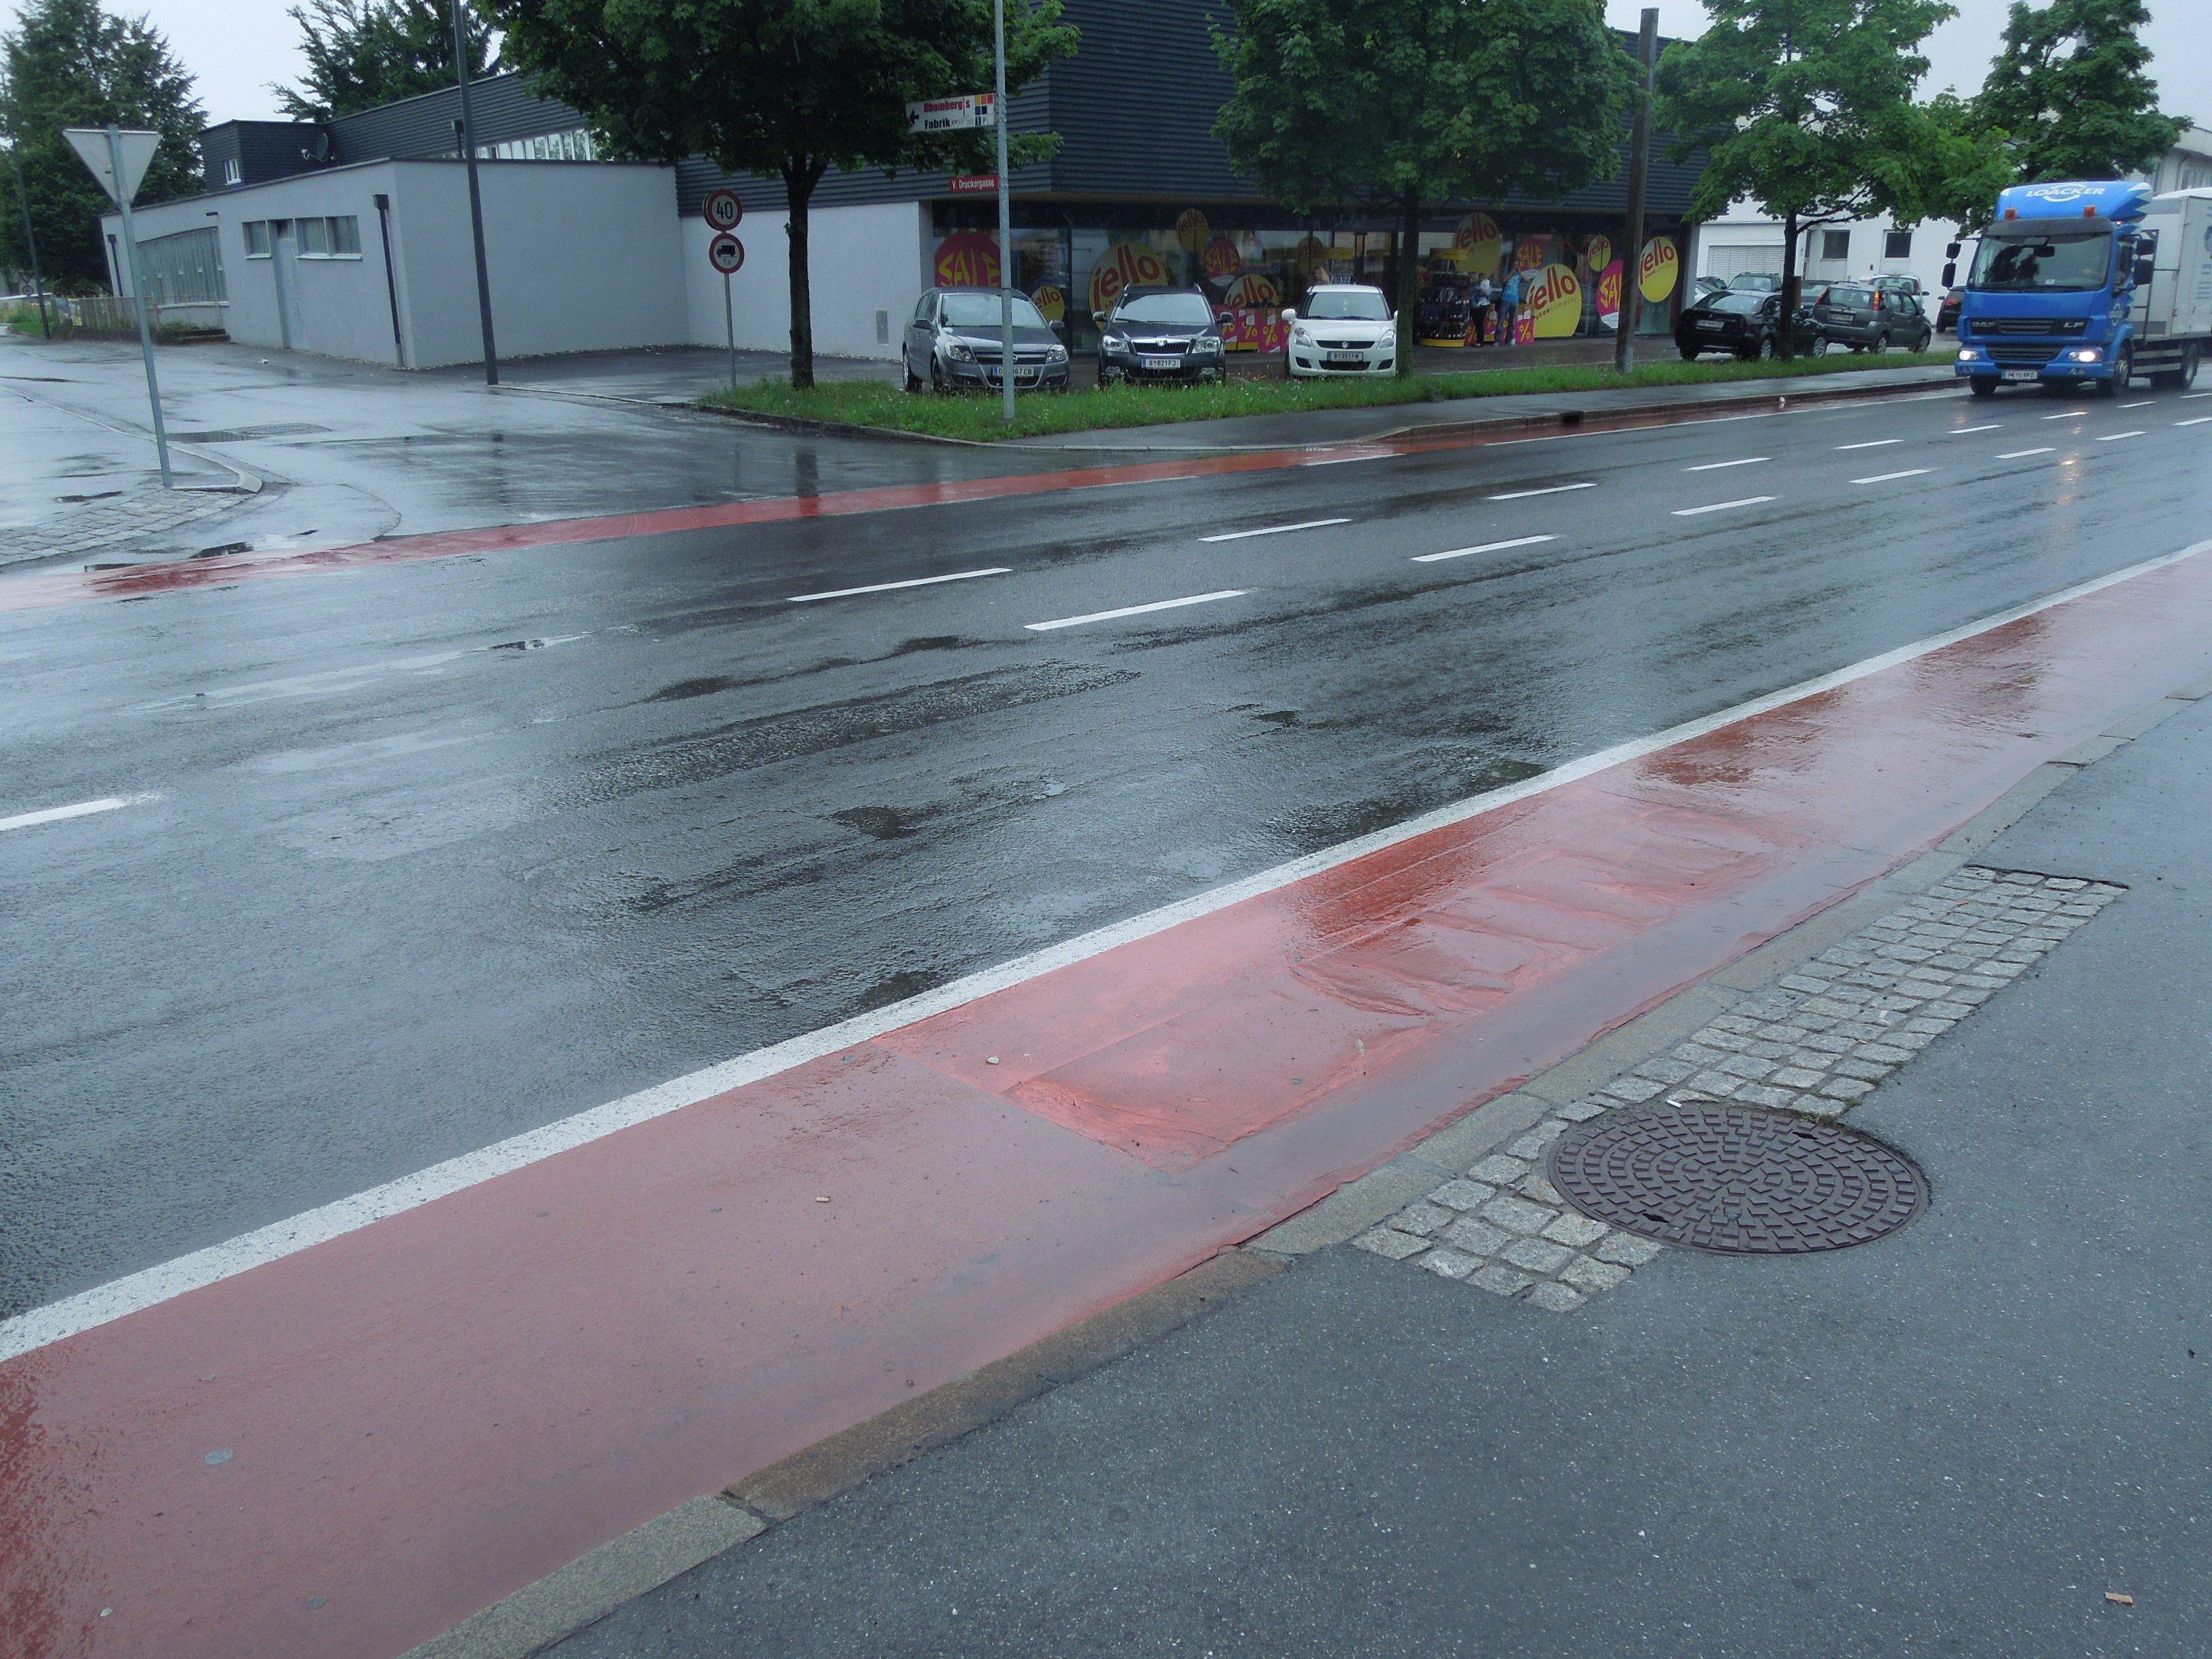 Wegen zu geringer Fußgängerströme wurde der Zebrastreifen bereits vor fünf Jahren aufgelassen.